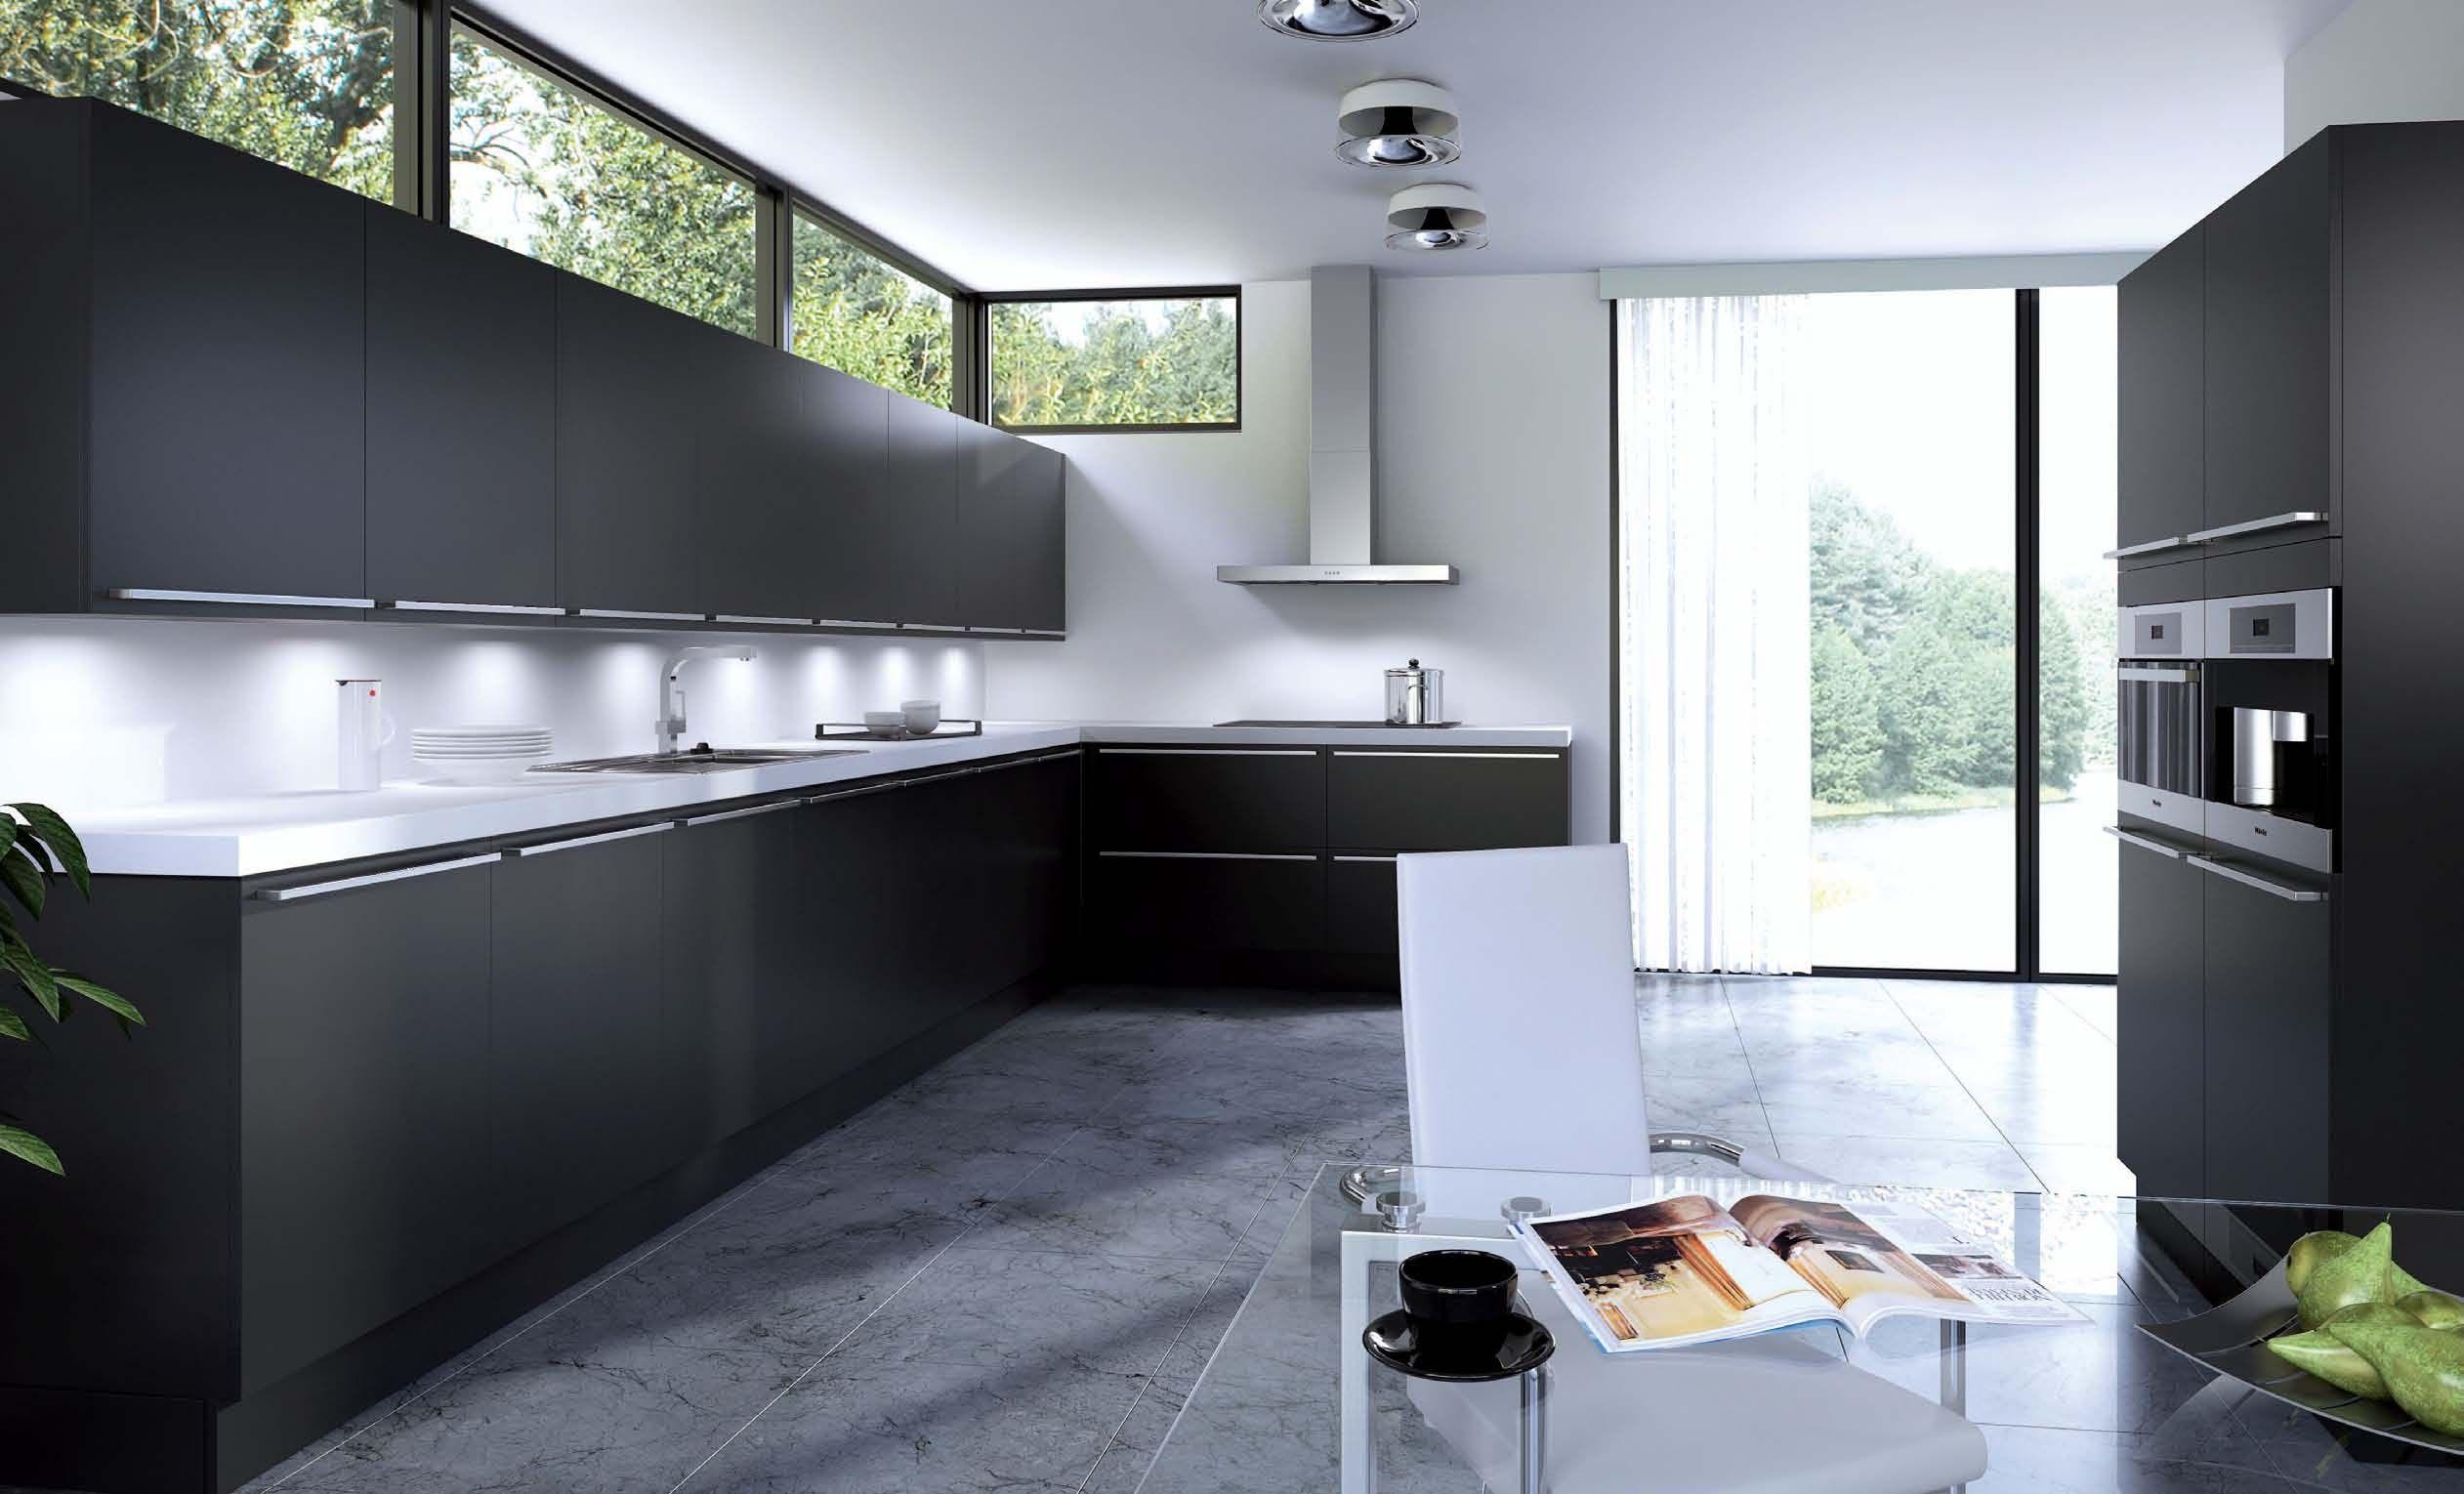 #interiør #interior #kjøkken #kitchen #inspirasjon #inspo #kuechen #oslo